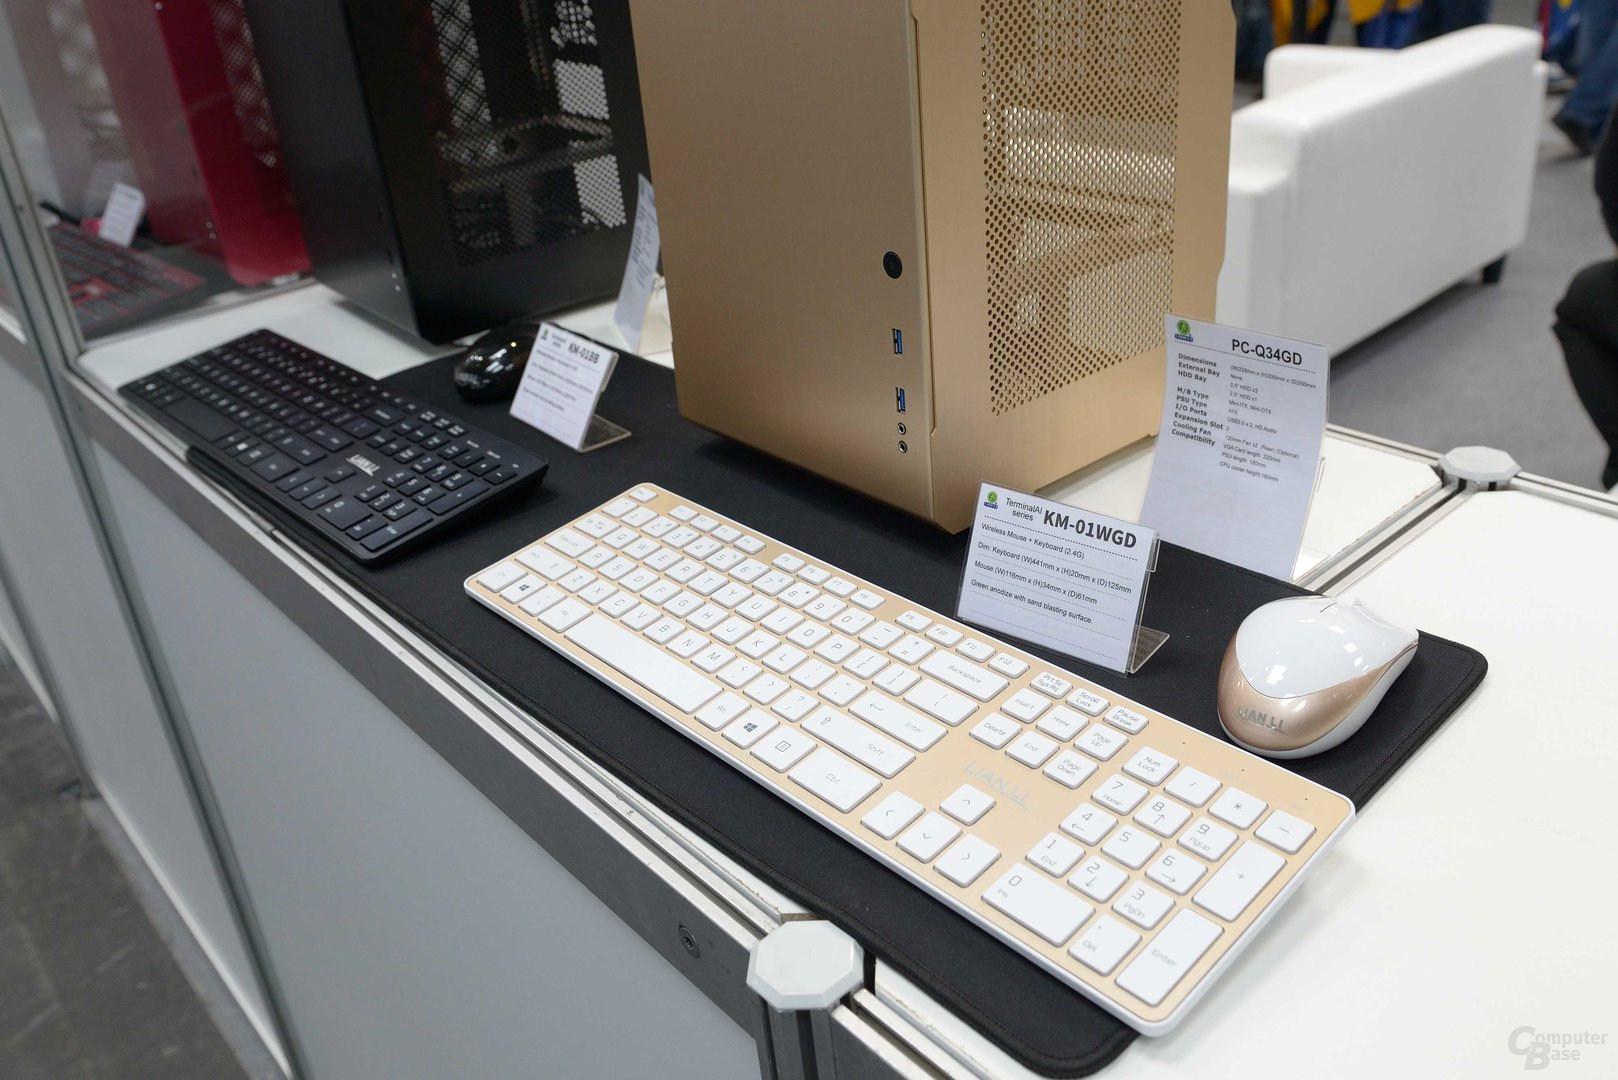 Tastatur und Maus von Lian Li